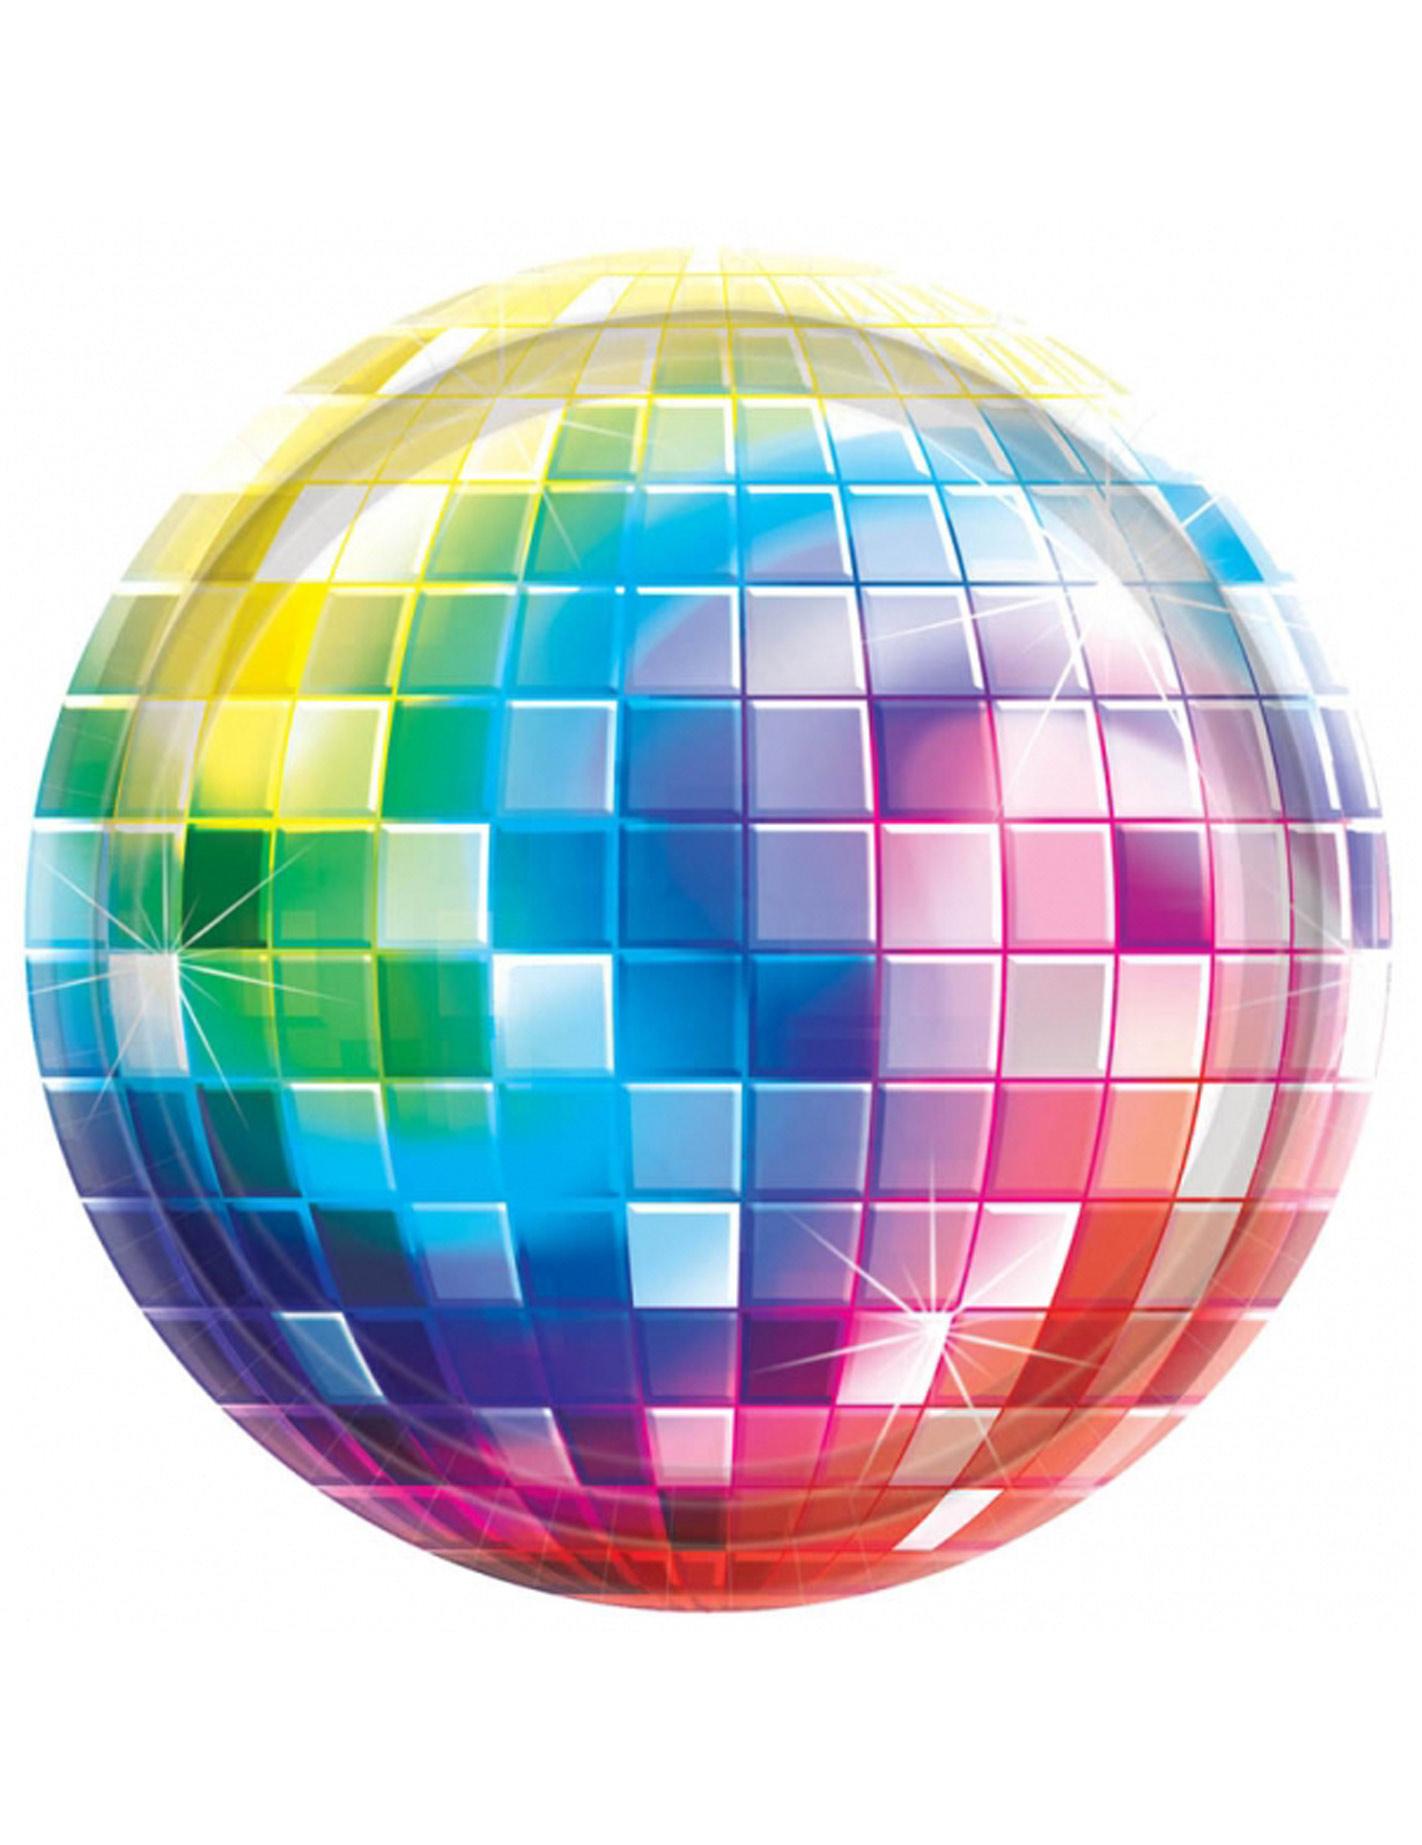 Immagini Palla Da Discoteca.8 Piatti Di Carta Con Palla Da Discoteca 26 Cm Su Vegaooparty Negozio Di Articoli Per Feste